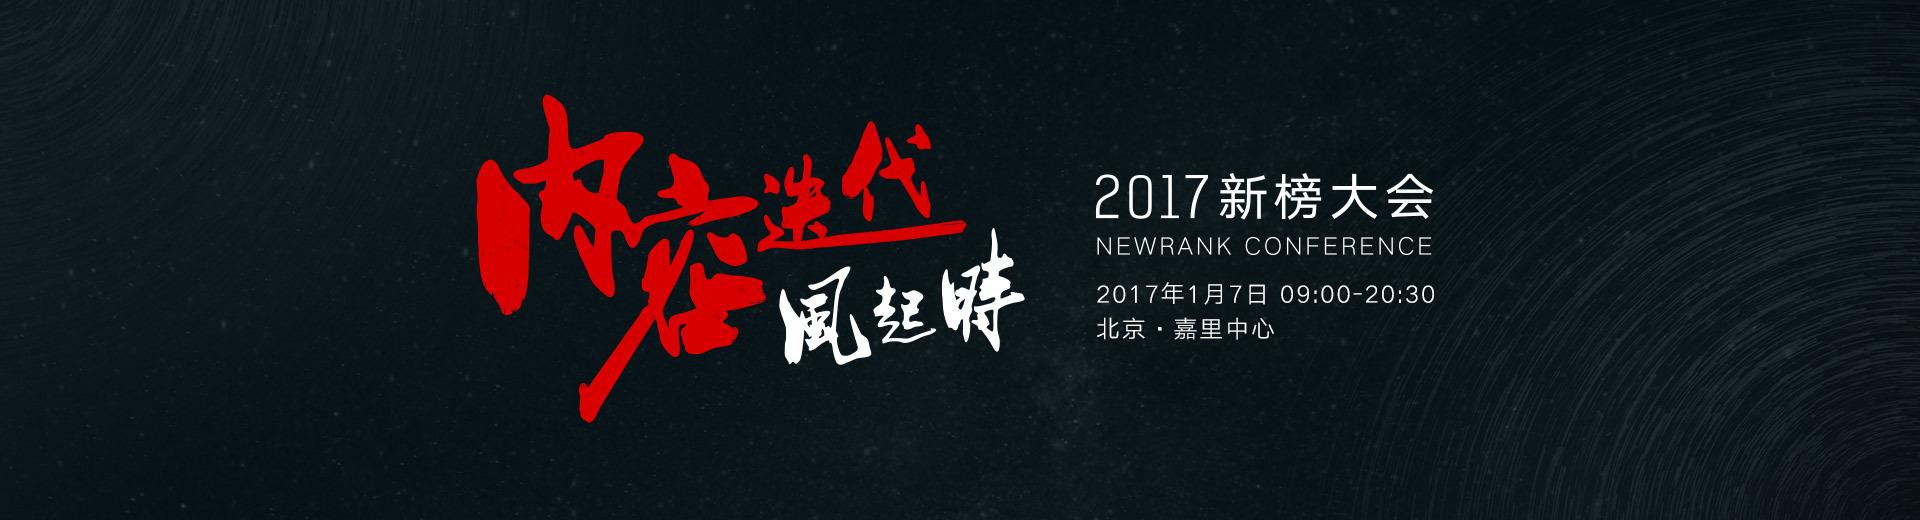 2017新榜大会